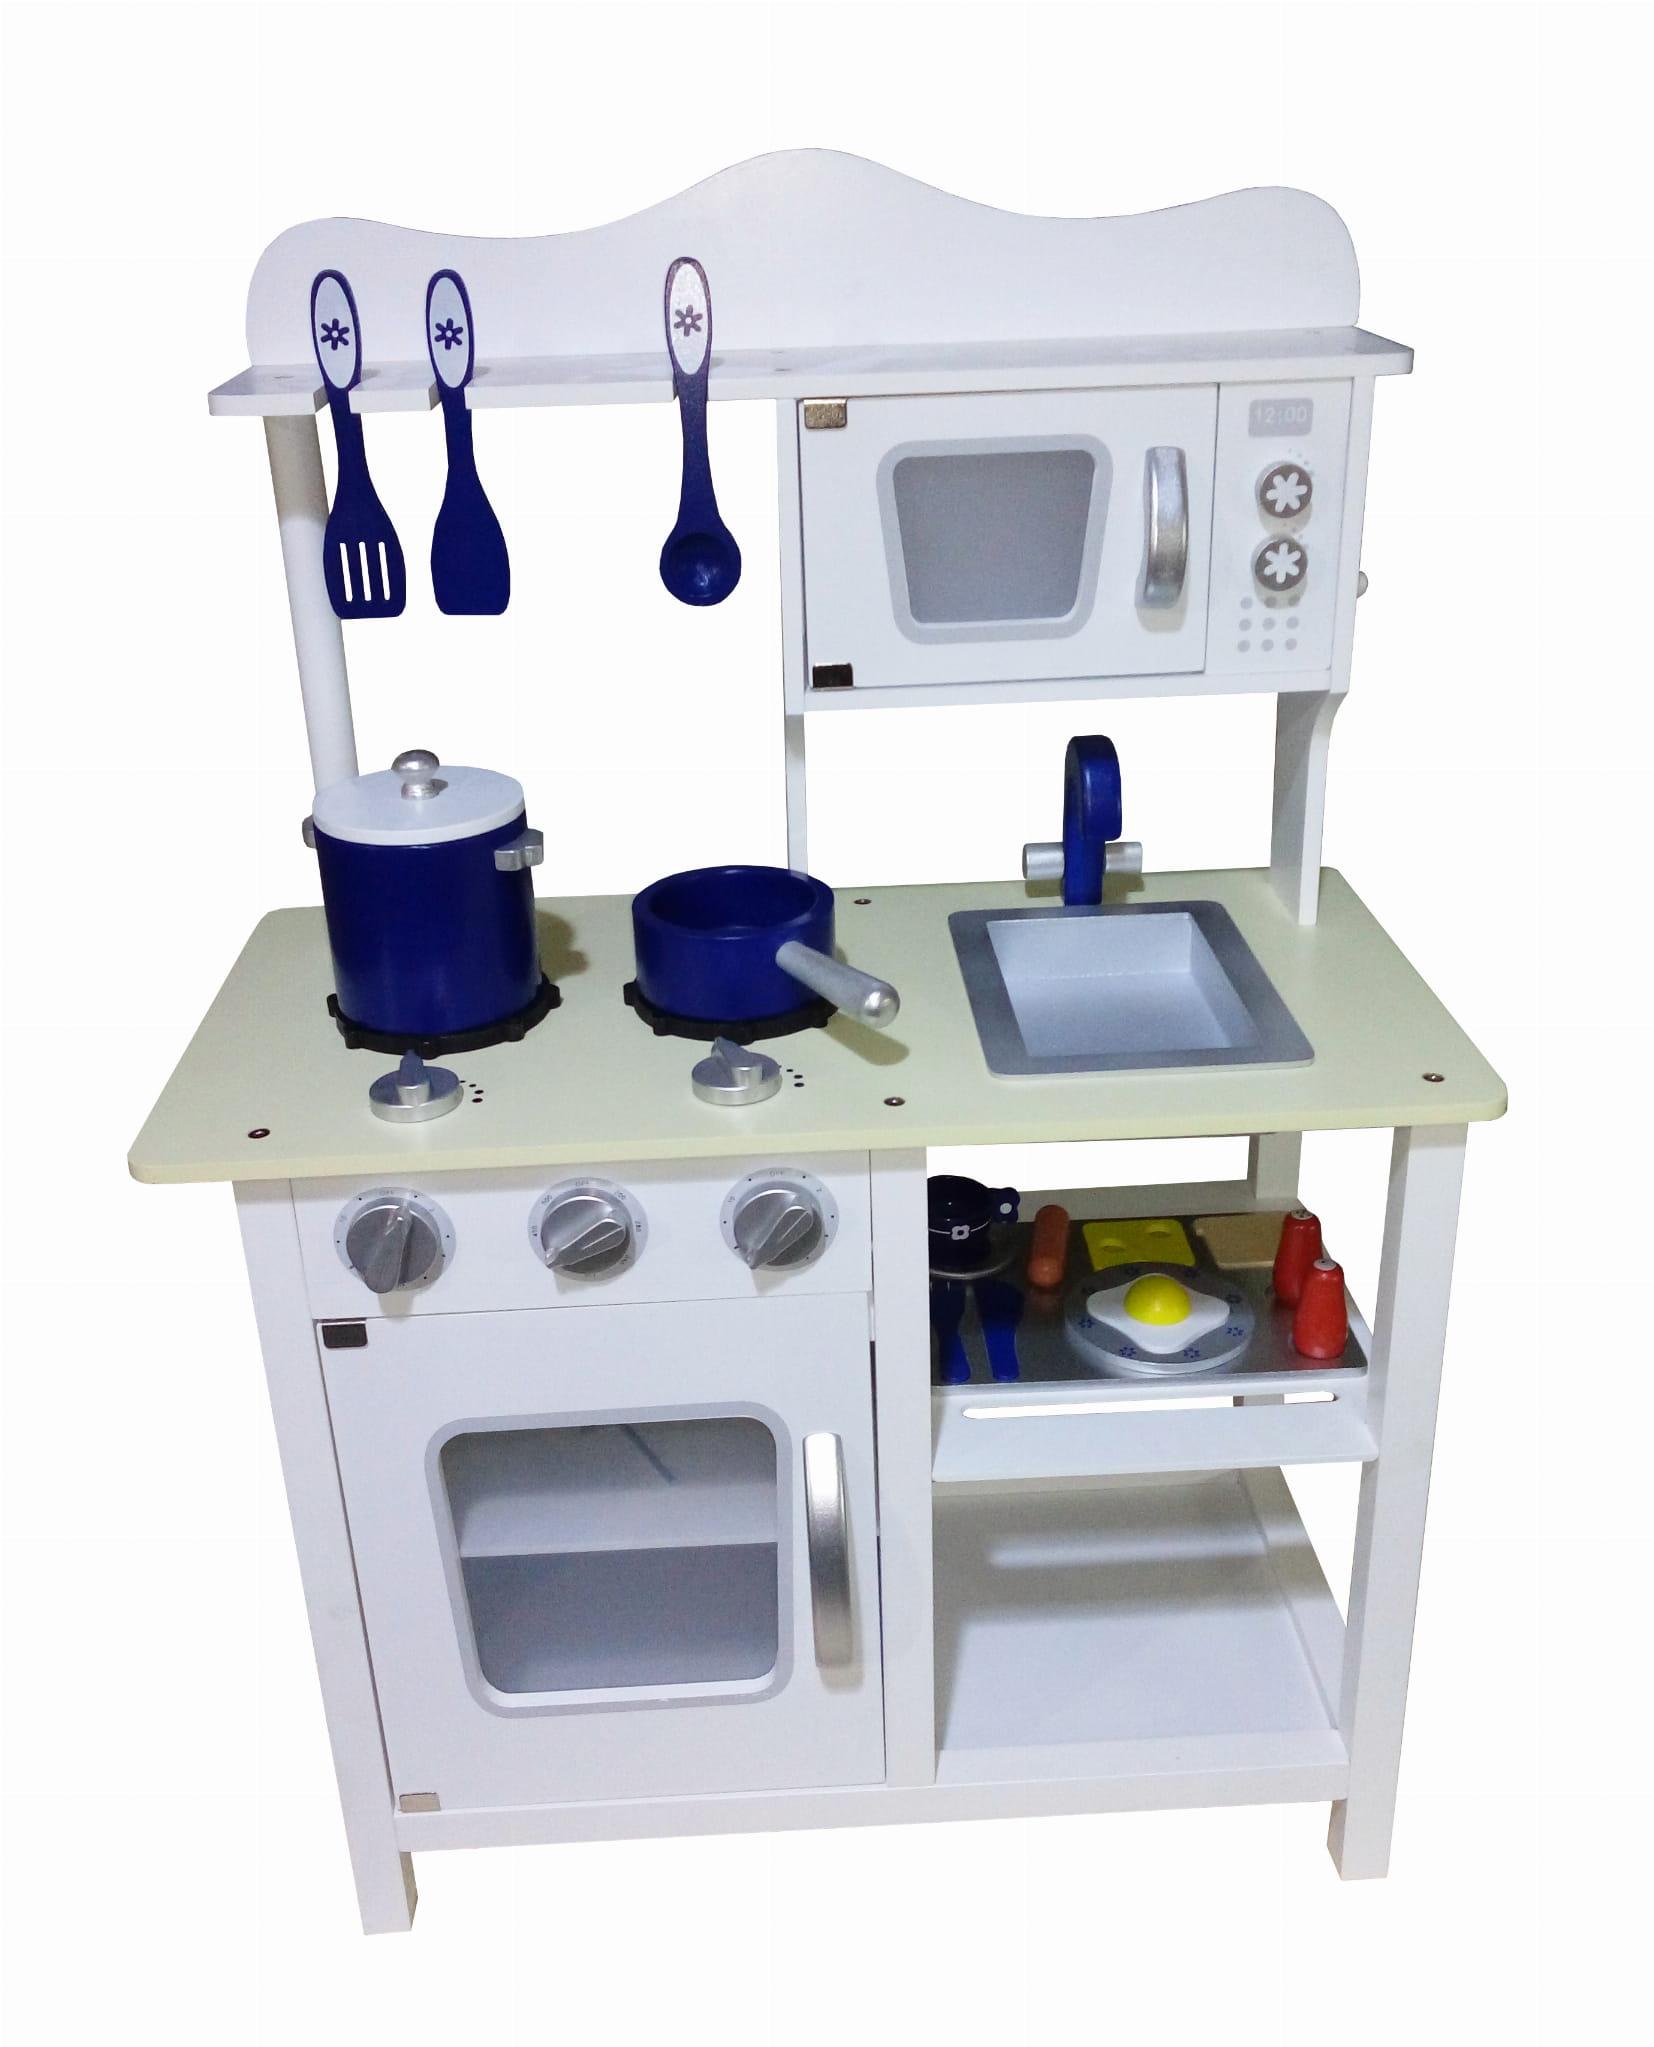 Drewniana Kuchnia Dla Dzieci Classic Wooden Toys W10c045 Biala 3